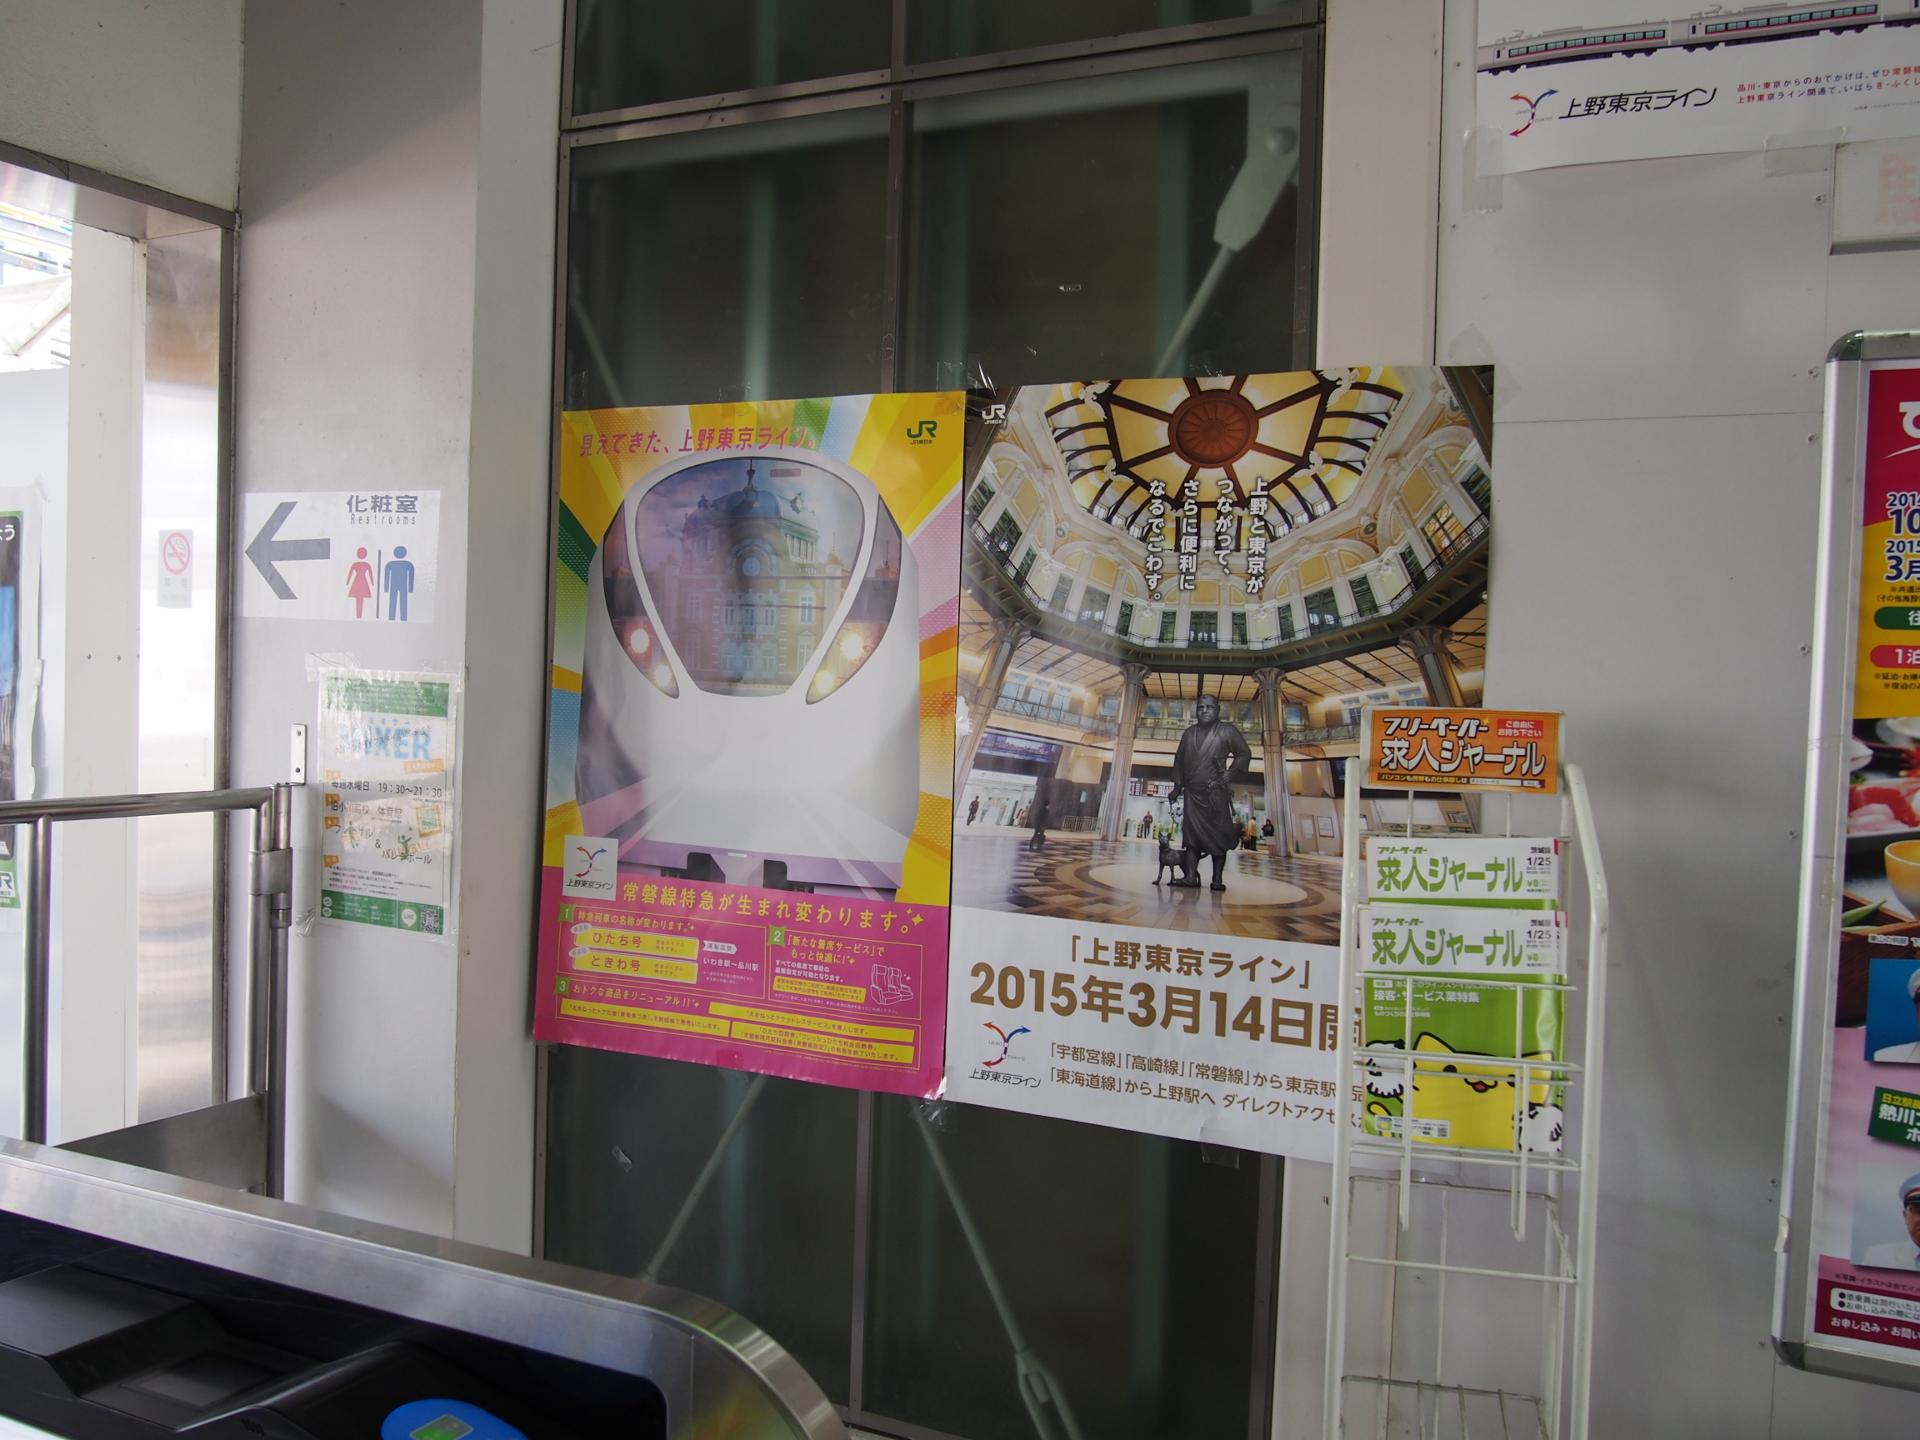 上野東京ラインの開通予告ポスターです。